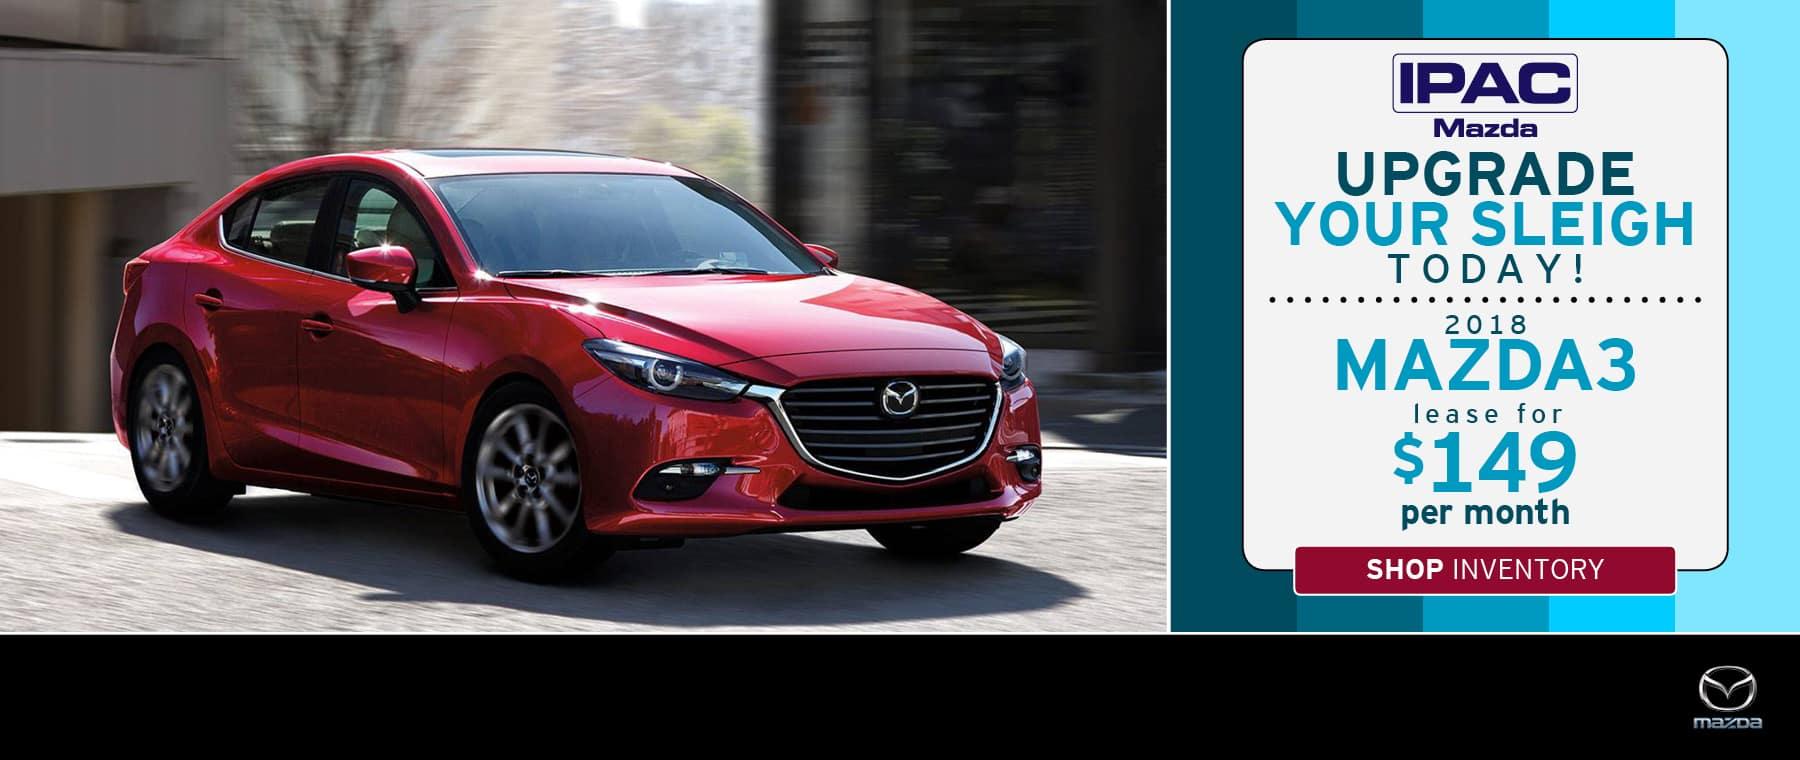 Mazda 3 Winter